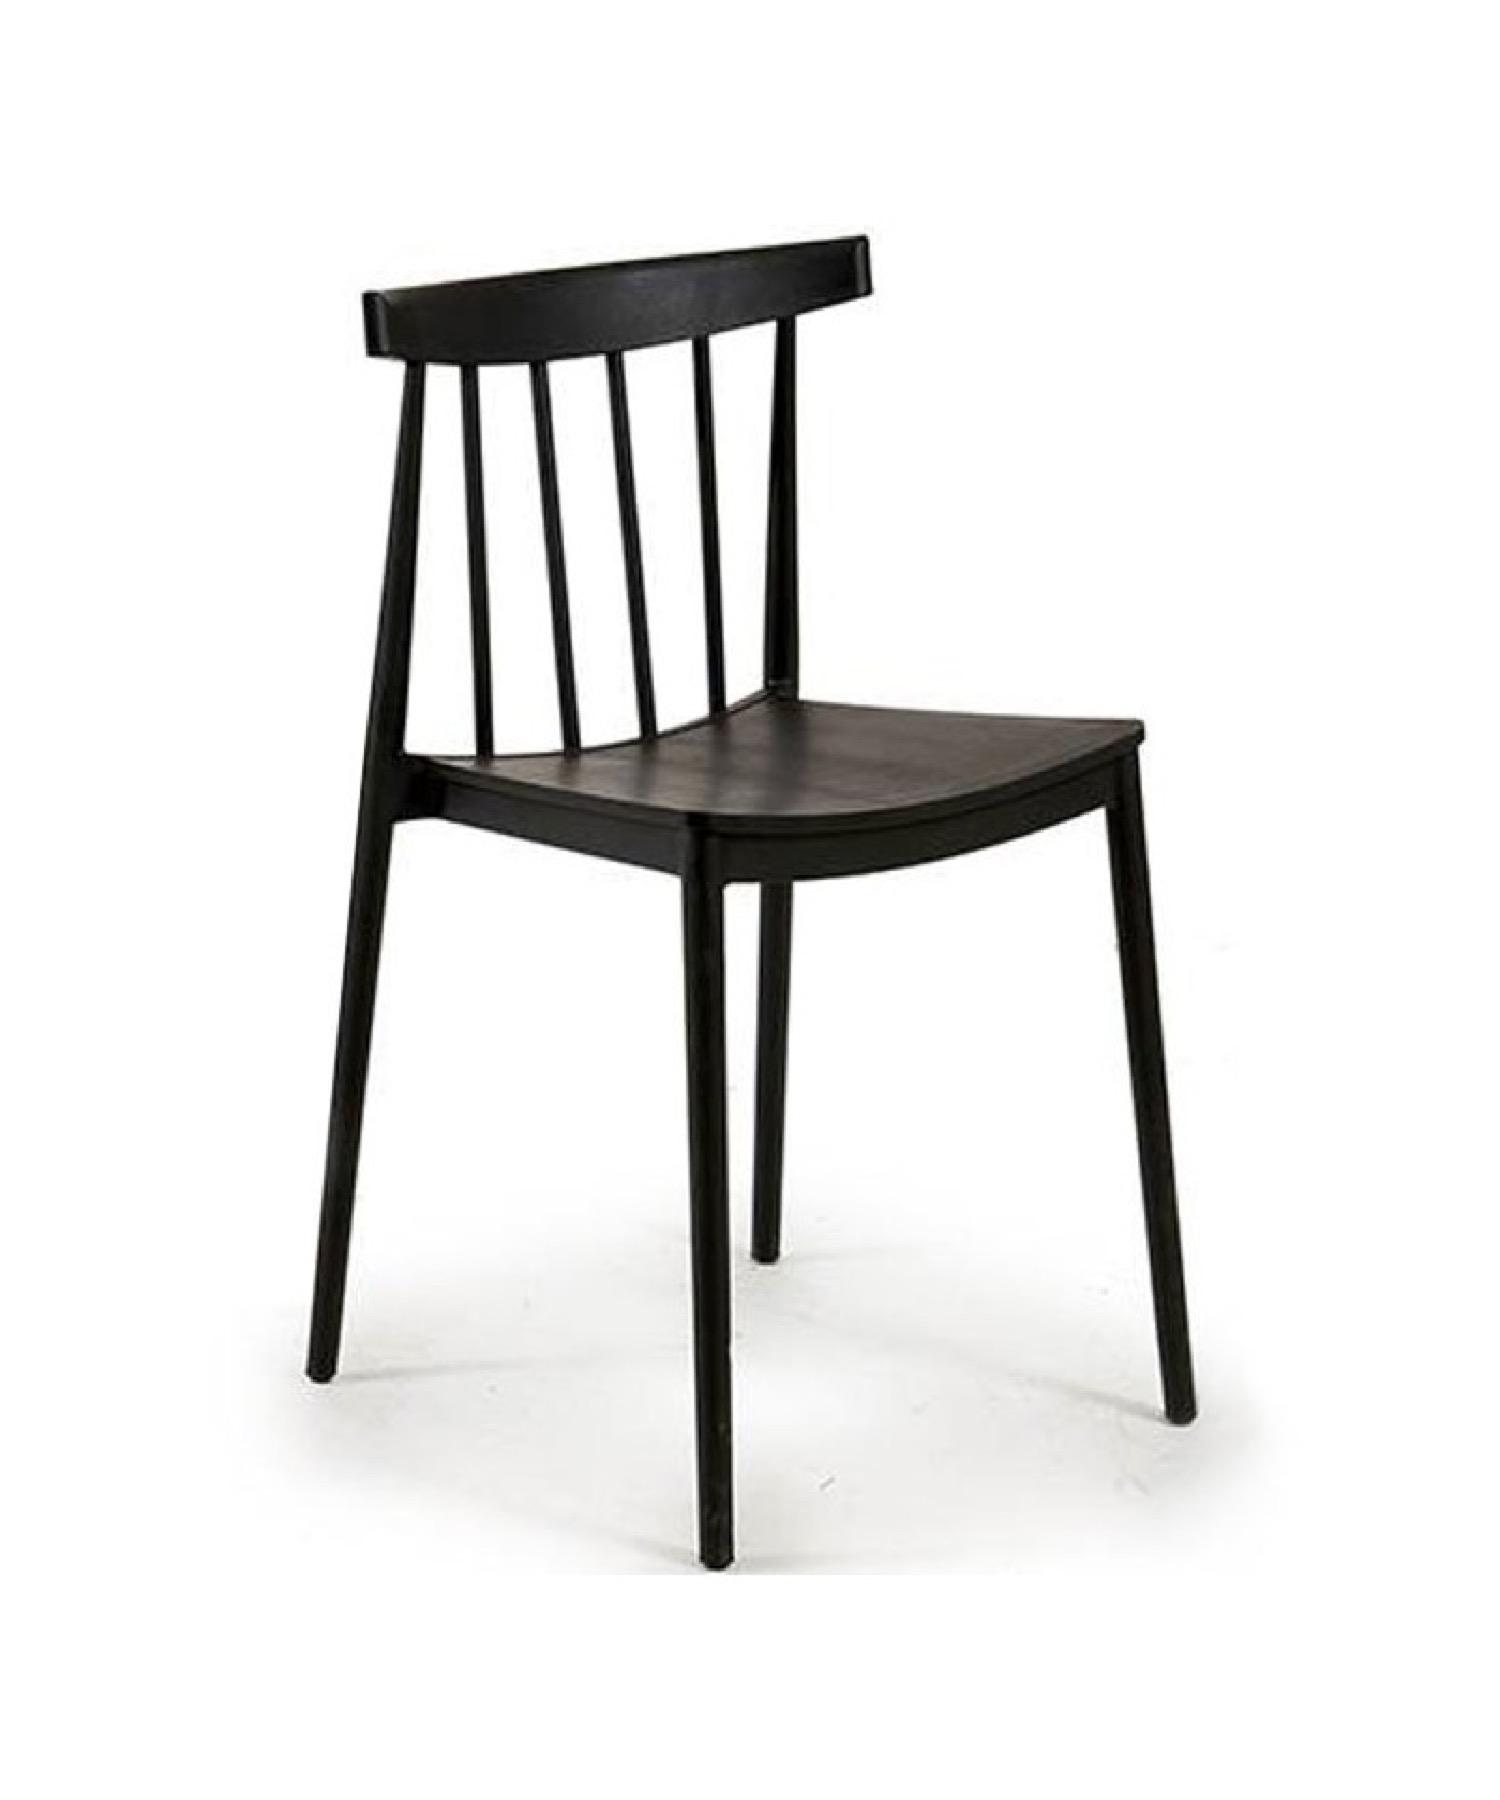 Chaise de jardin design en polypropylène noir